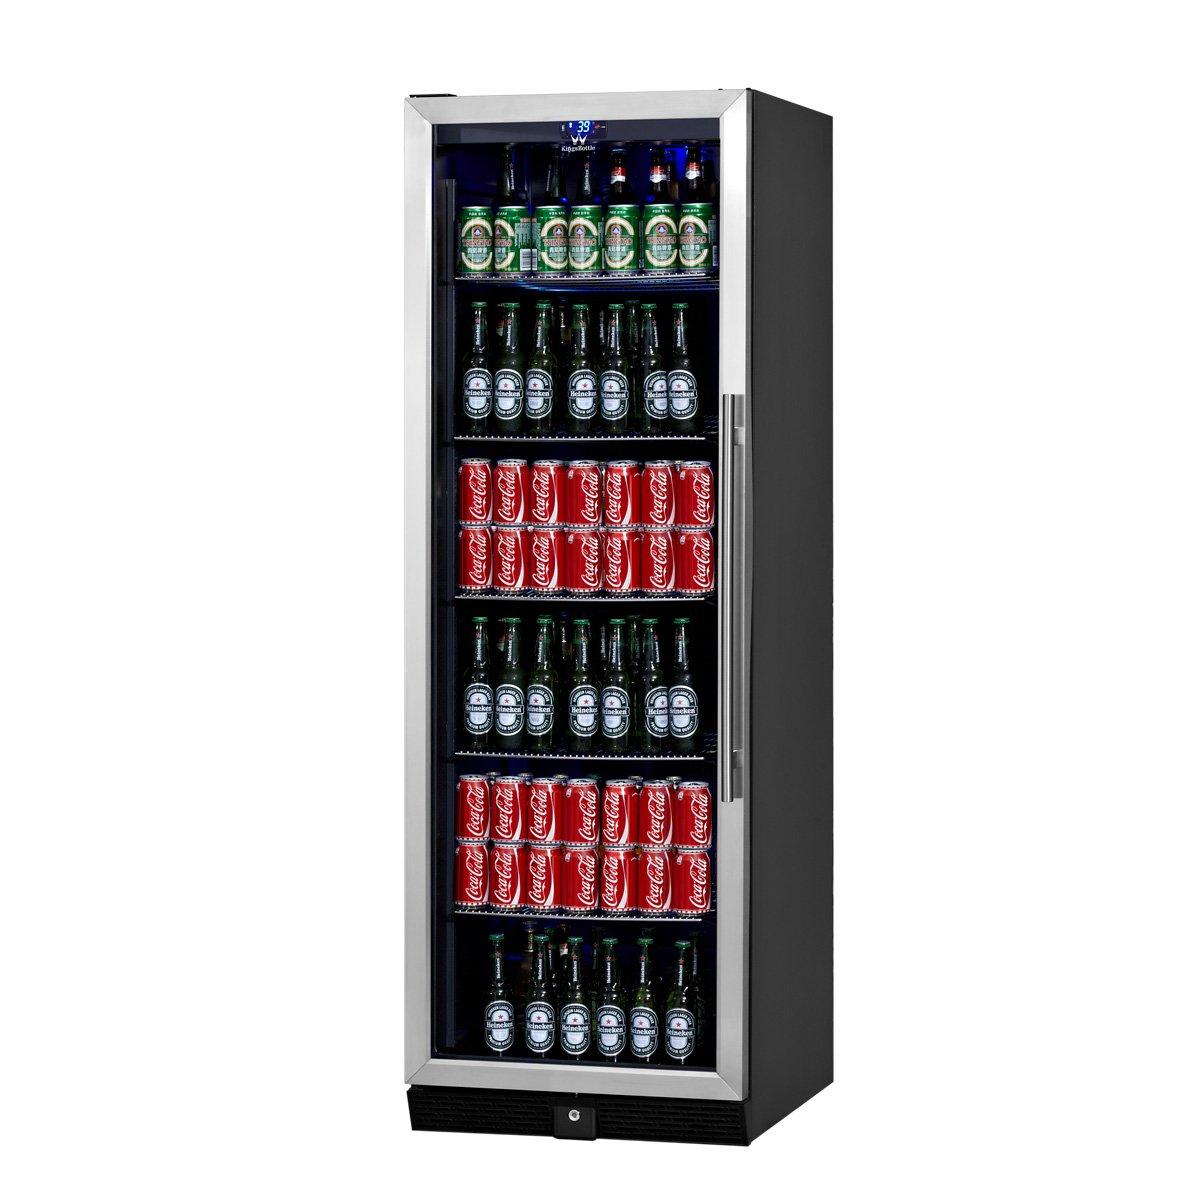 Com Kingsbottle Built In Beer Beverage Cooler Refrigerator 287 Pounds Fridge For 450 Cans Of Or Other Dual Temperature